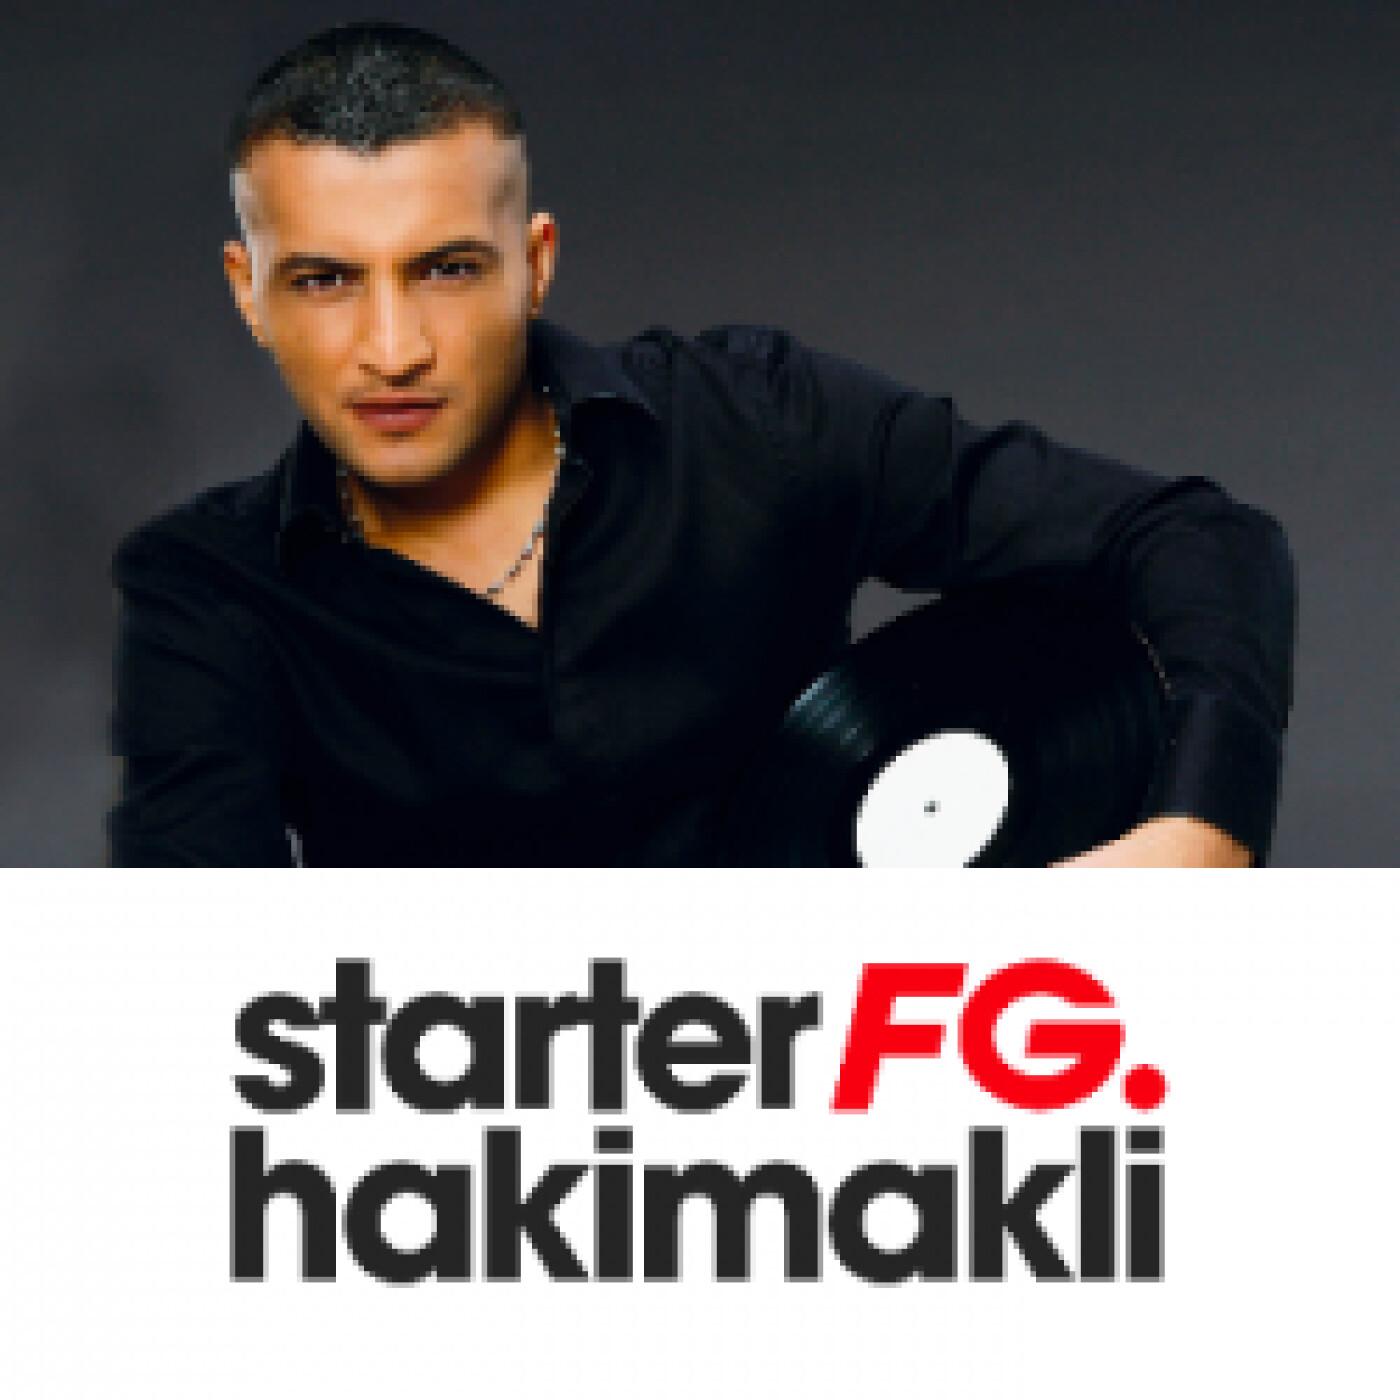 STARTER FG BY HAKIMAKLI LUNDI 19 AVRIL 2021